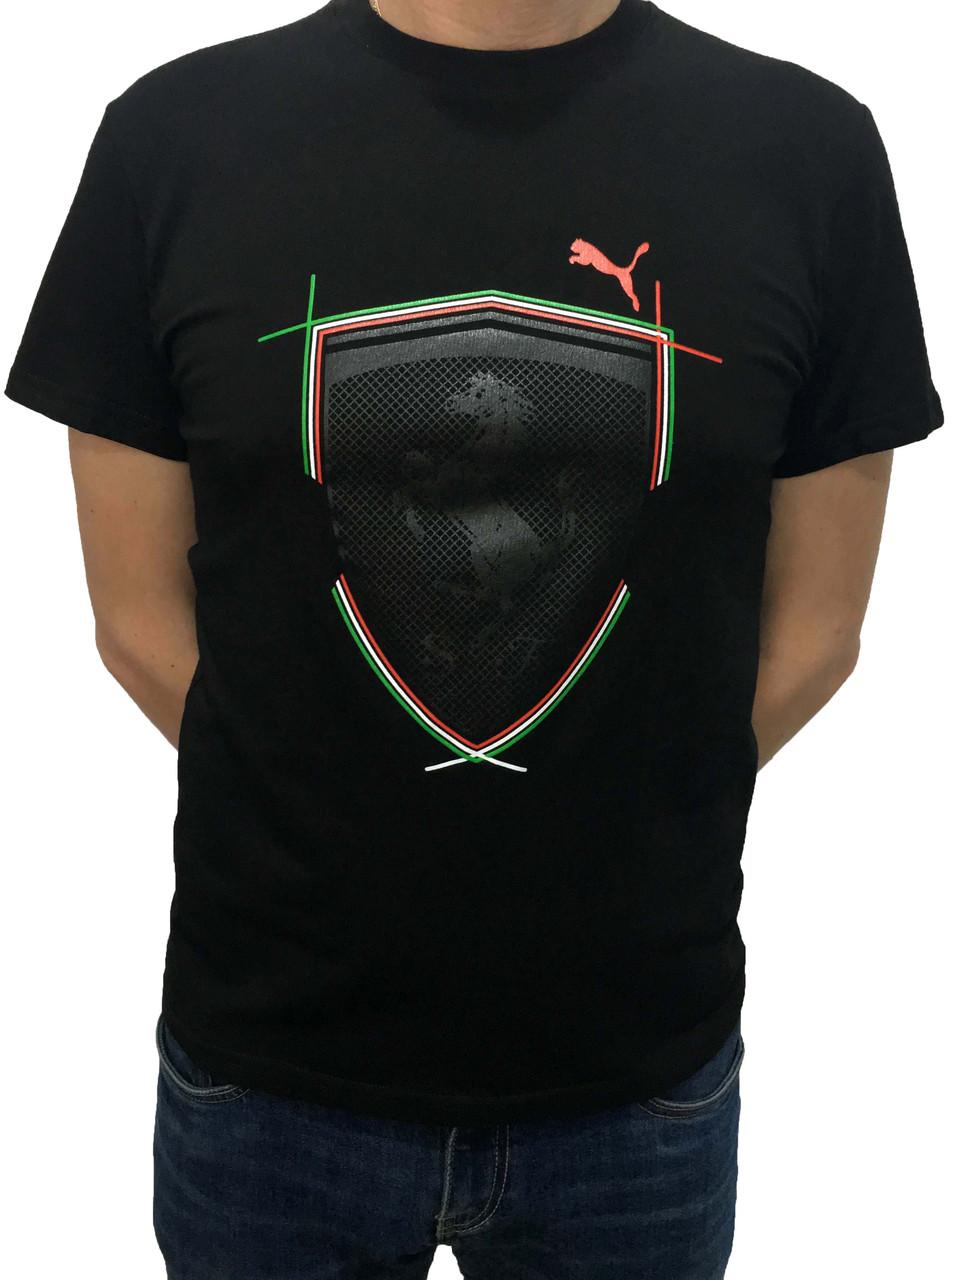 00155df9fa30 Черная мужская футболка Puma Ferrari с принтом хлопковая (Реплика) -  Shopchik в Одессе